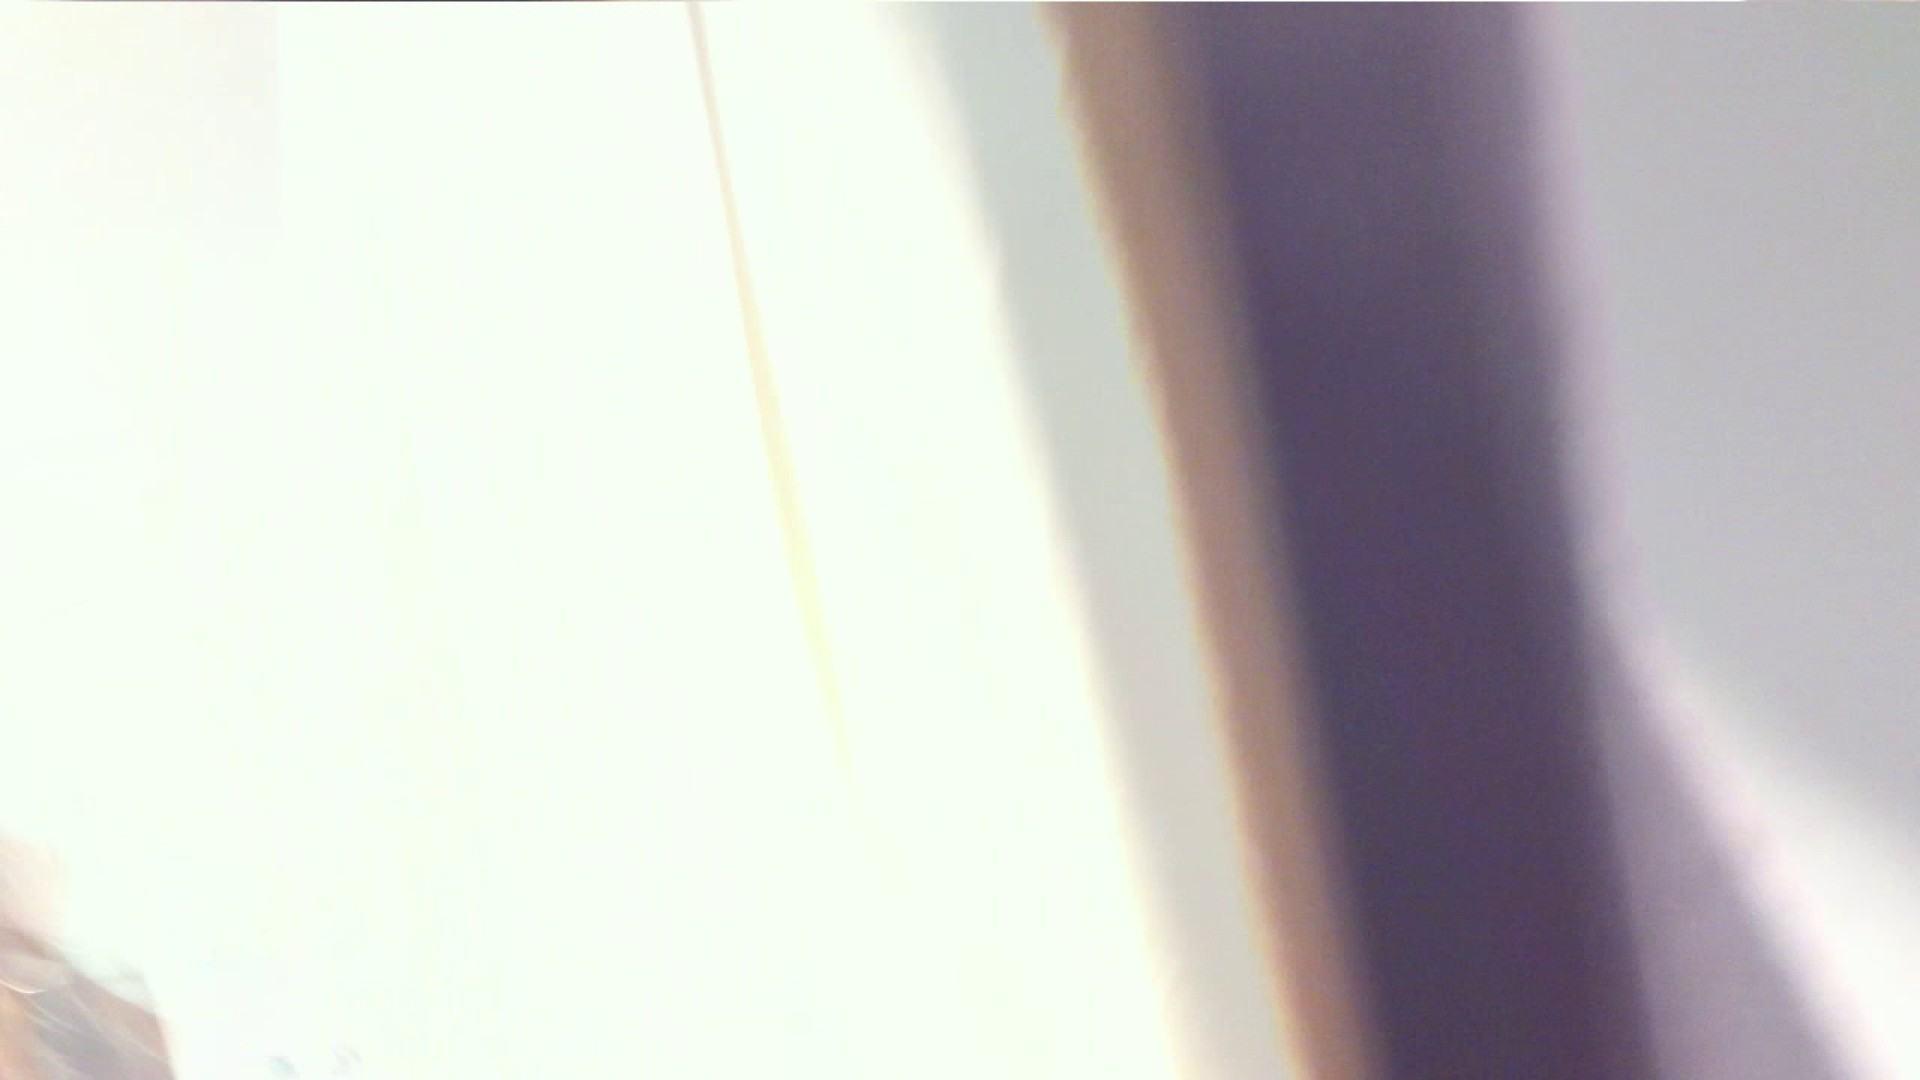 vol.33 美人アパレル胸チラ&パンチラ ギャル系ネーチャンの下着 おまんこ無修正 セックス画像 94pic 59